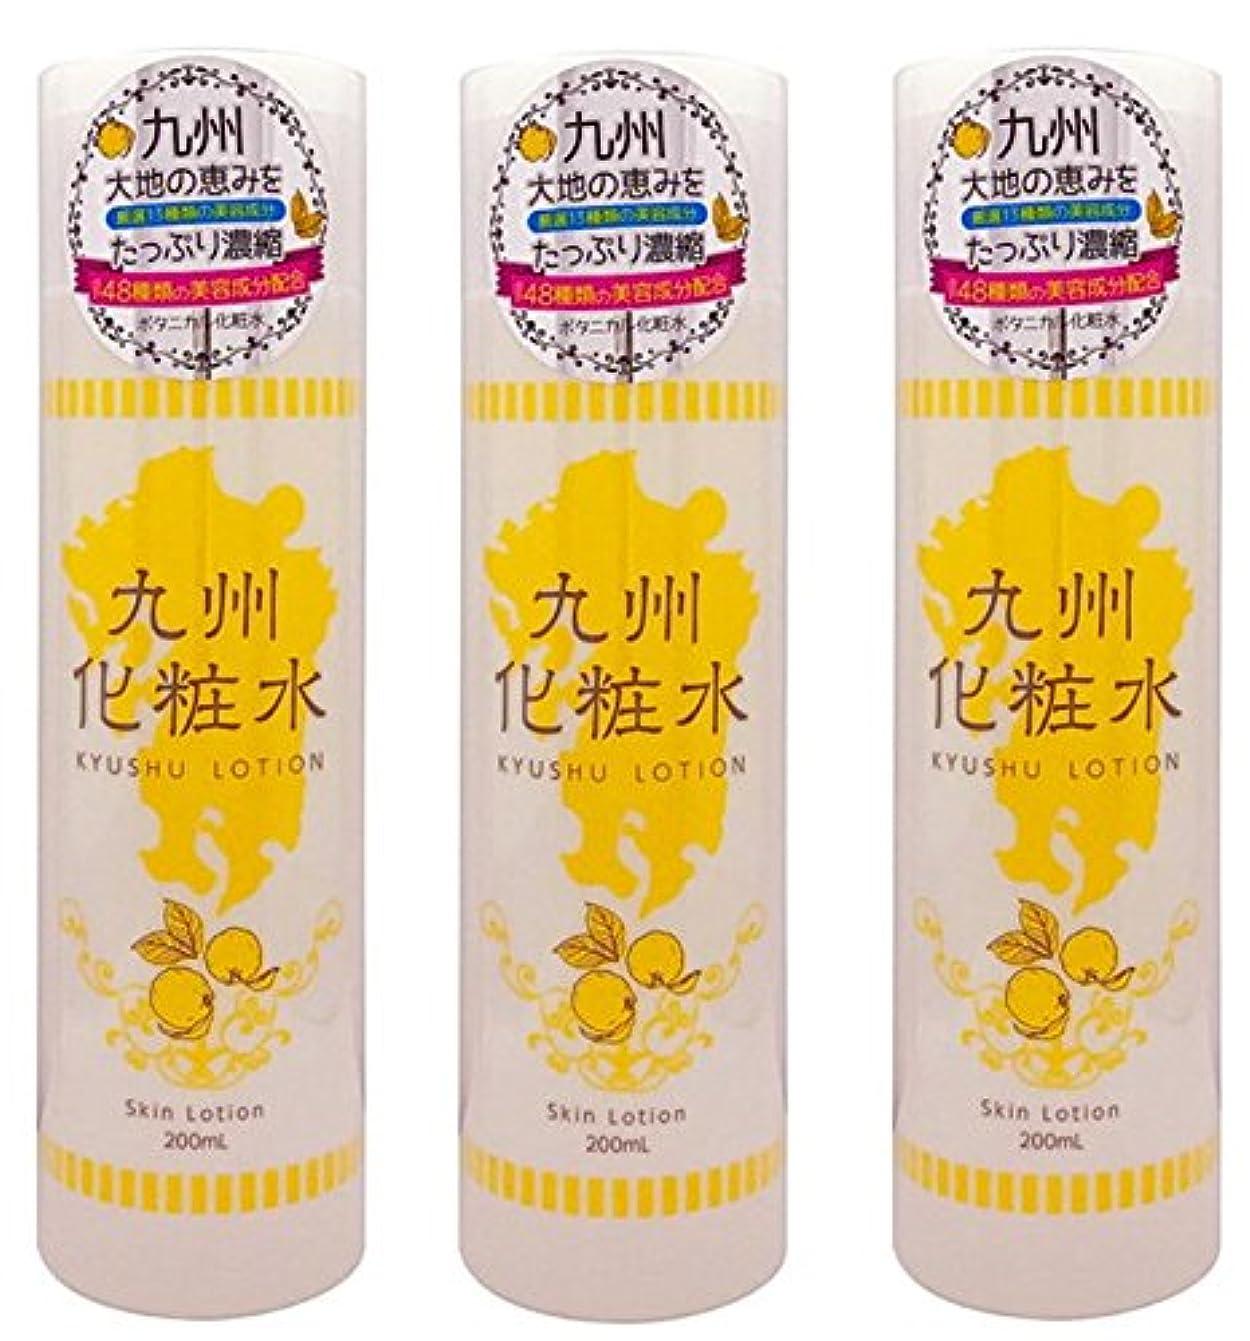 理容師偽造施設九州化粧水 200ml (ボタニカル化粧水) X 3本セット